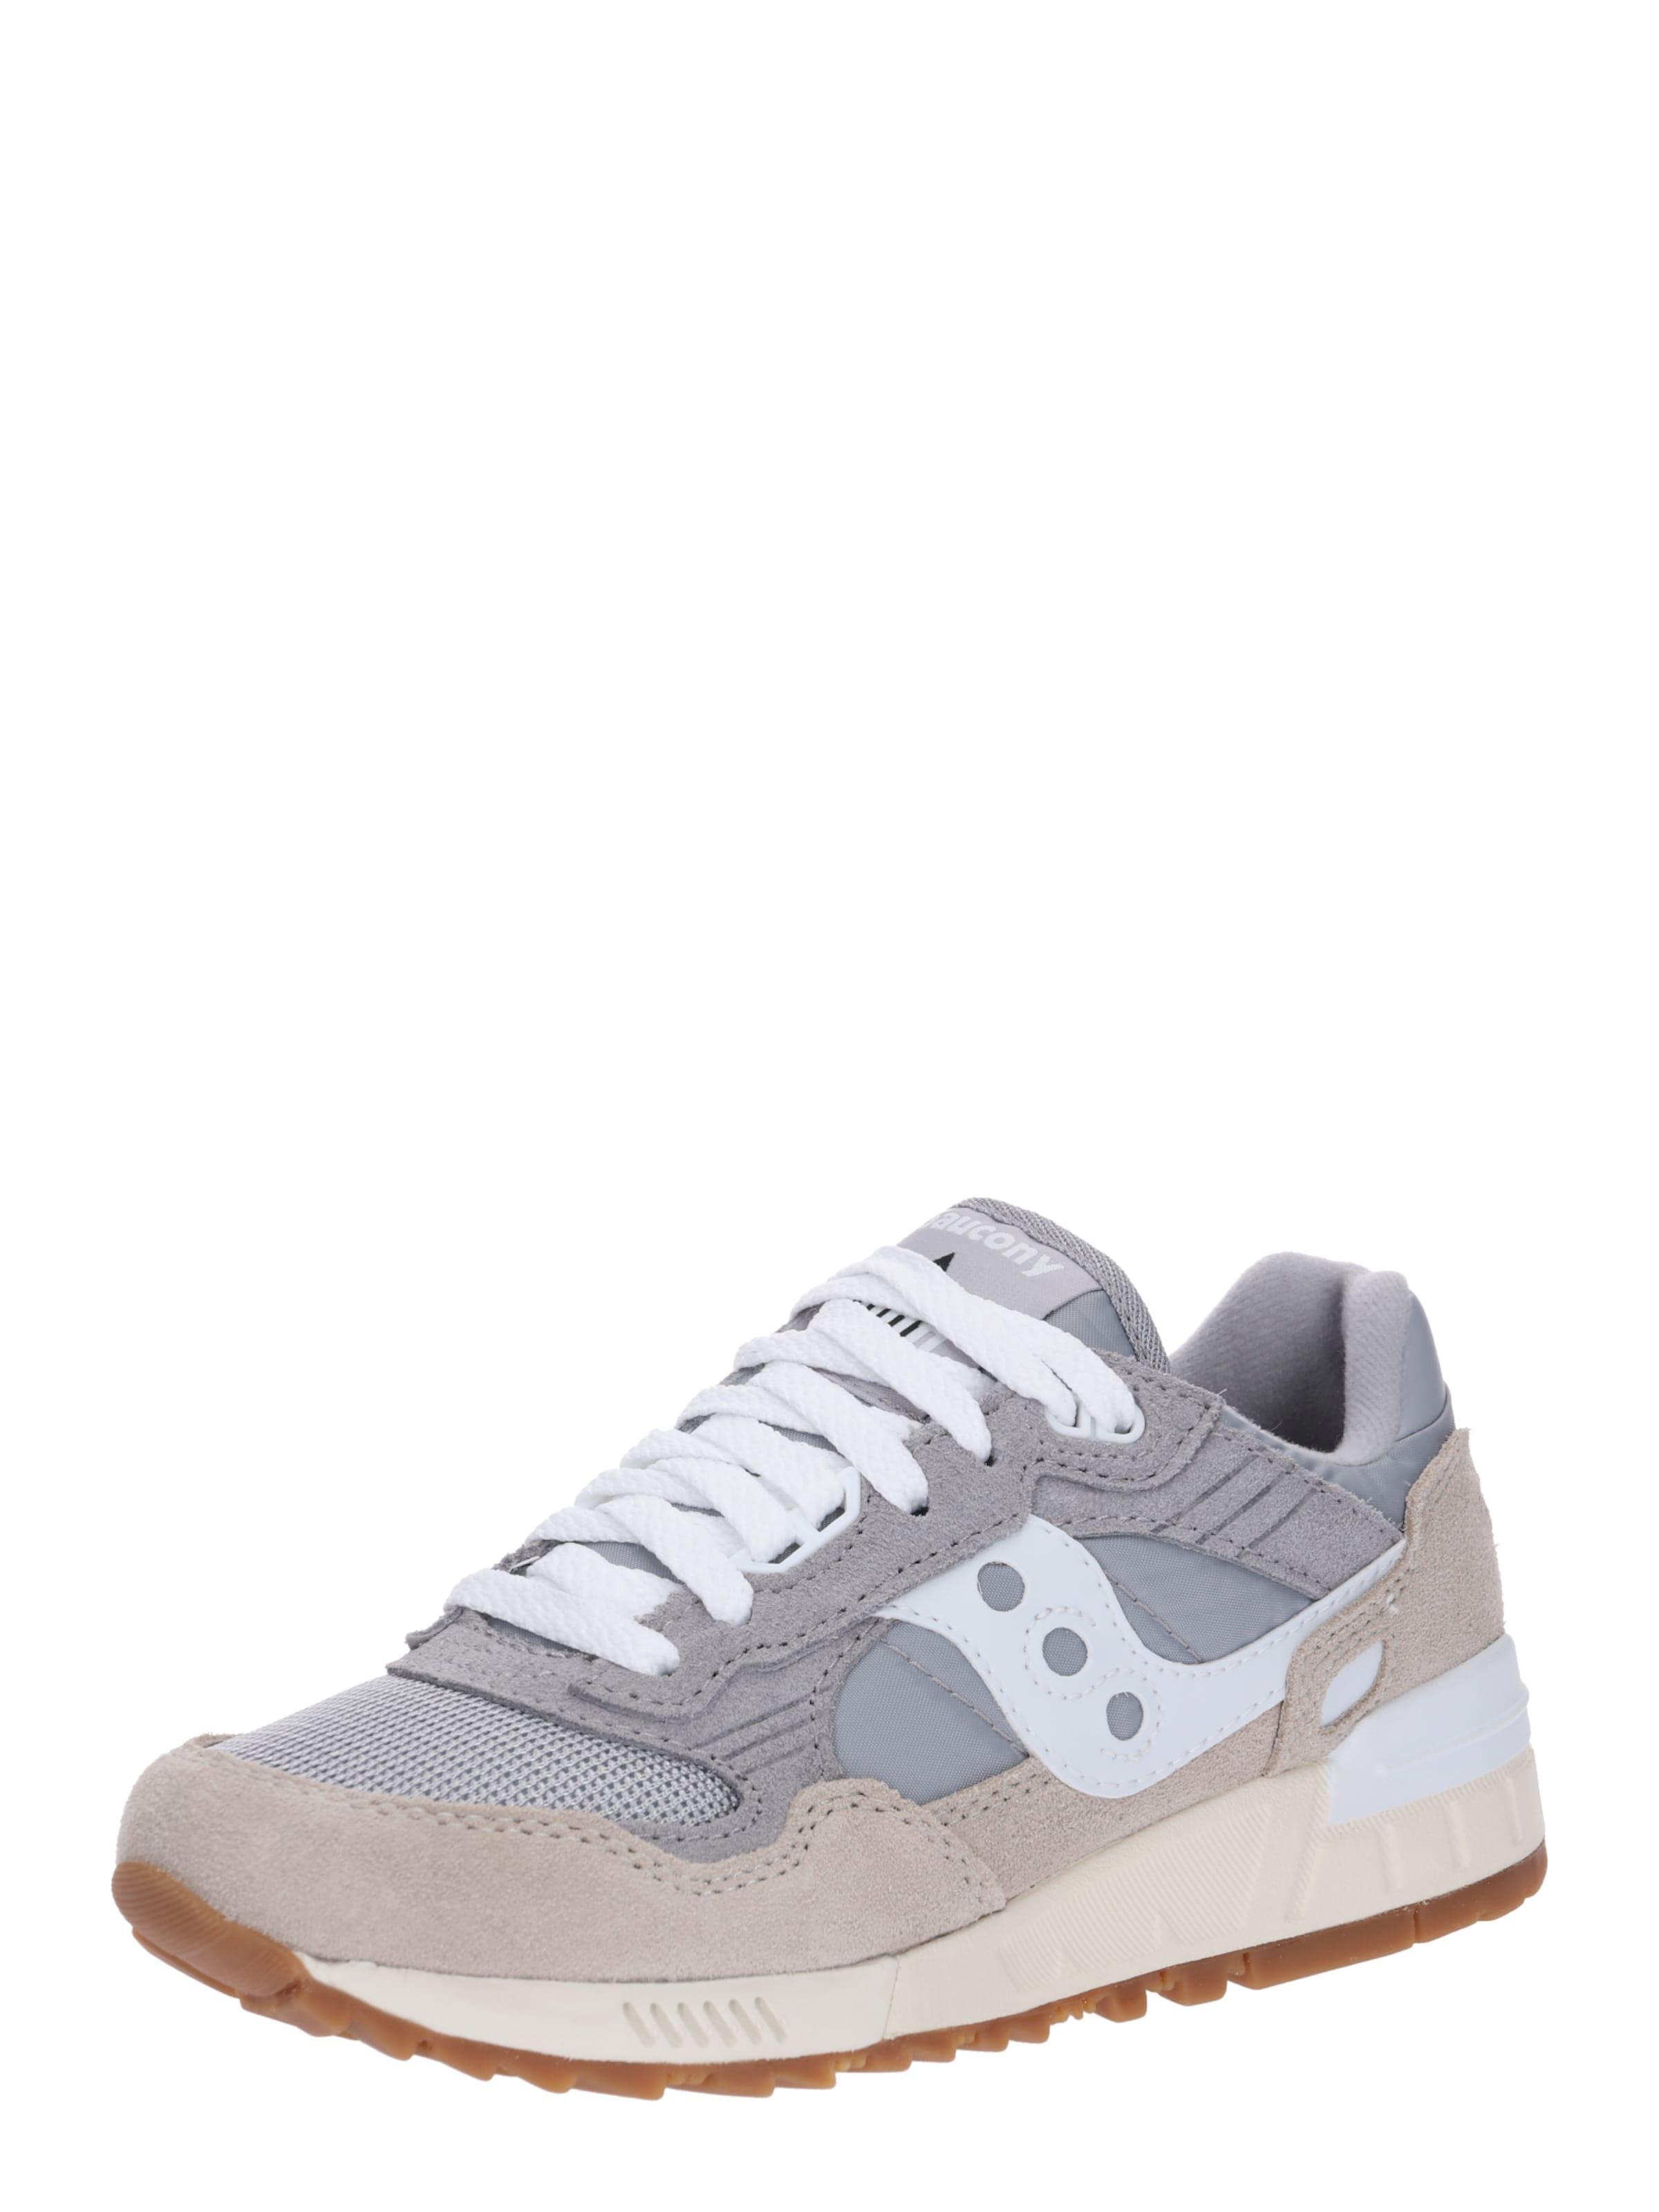 Saucony Shadow 5000 Vintage Sneakers Herren Sneakers